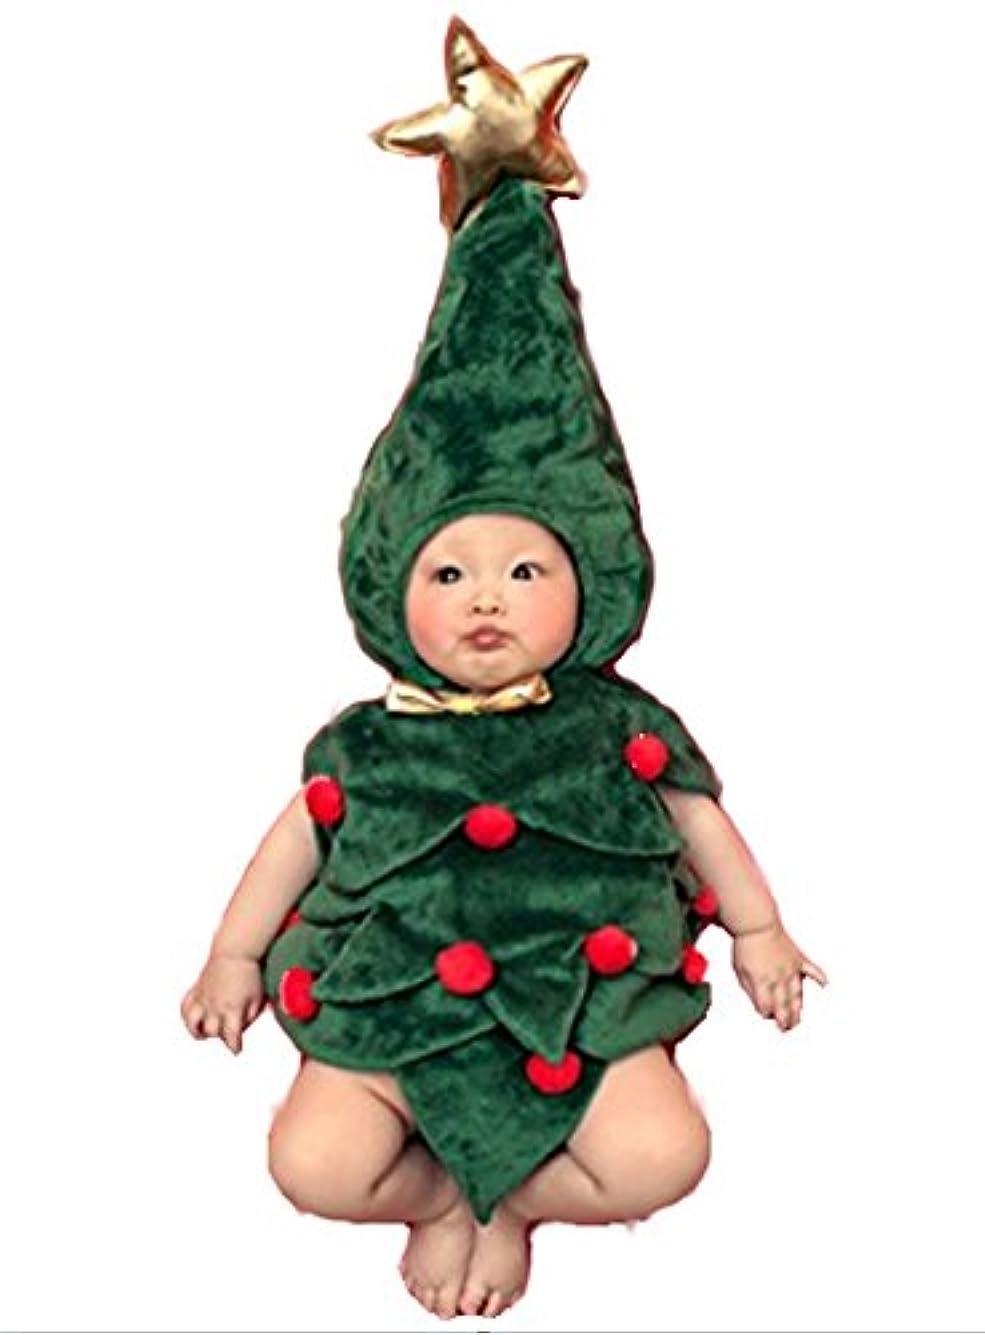 乳白不満男やもめ【wakongola】 かわいい ツリー ベビー コスチューム 着ぐるみ 寝相 アート イベント ハロウィン クリスマス